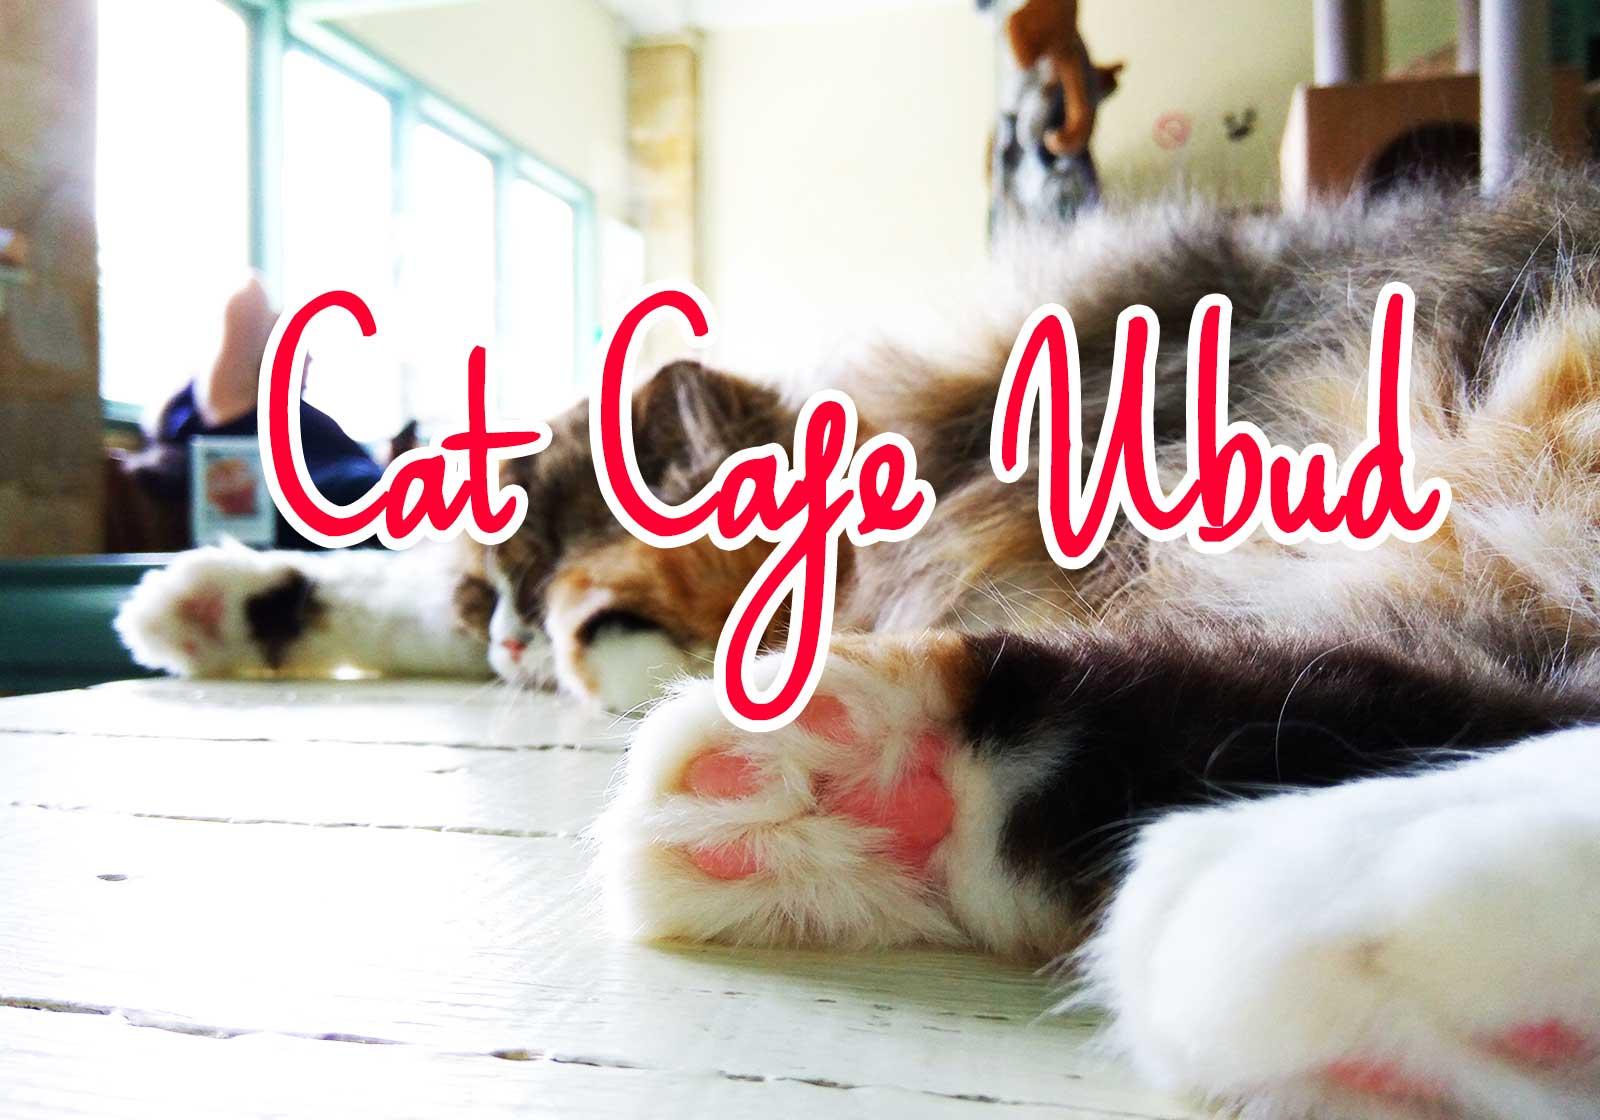 バリ島の猫カフェ(ΦωΦ) で猫をモフモフしまくるために泊まりでウブドに行ってきたにゃ Cat Cafe Ubud